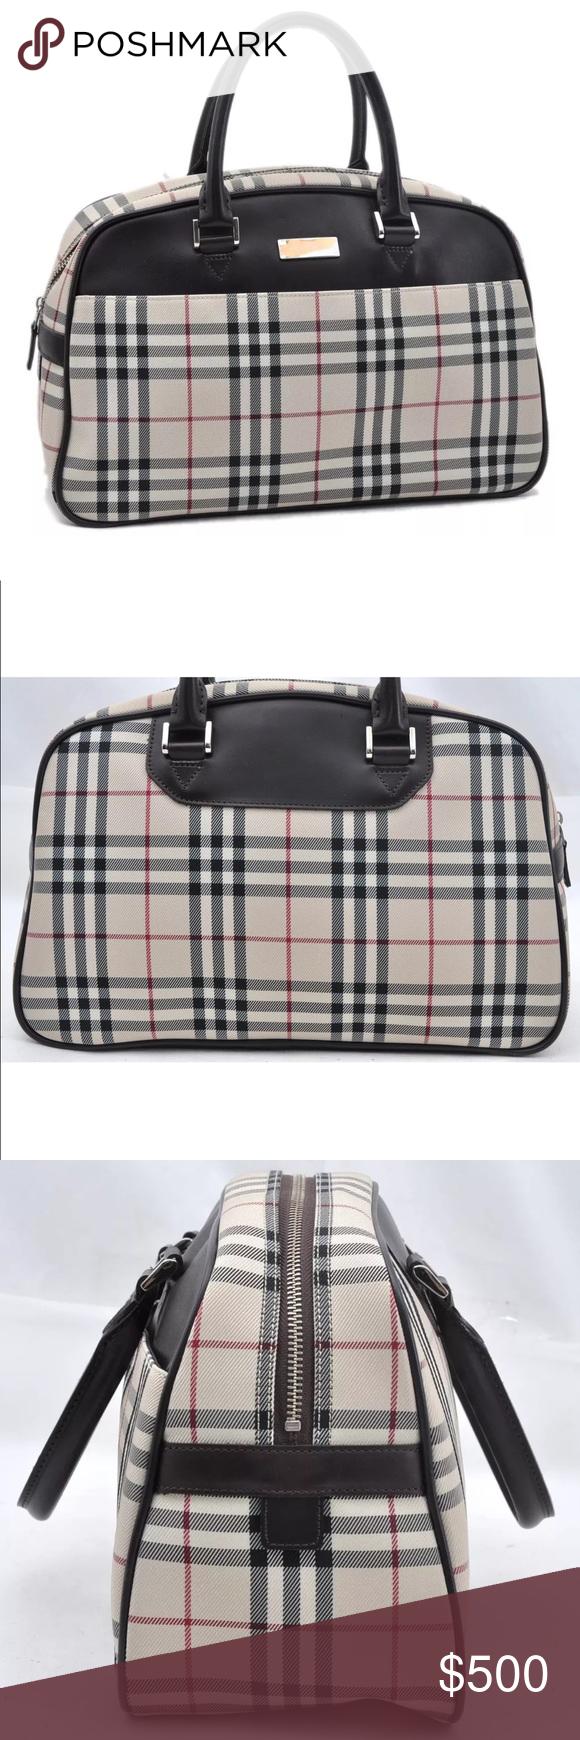 816578adaf44 Authentic BURBERRY handbag Weekender bag brown Authentic BURBERRY hand bag  Weekender  bag Travel